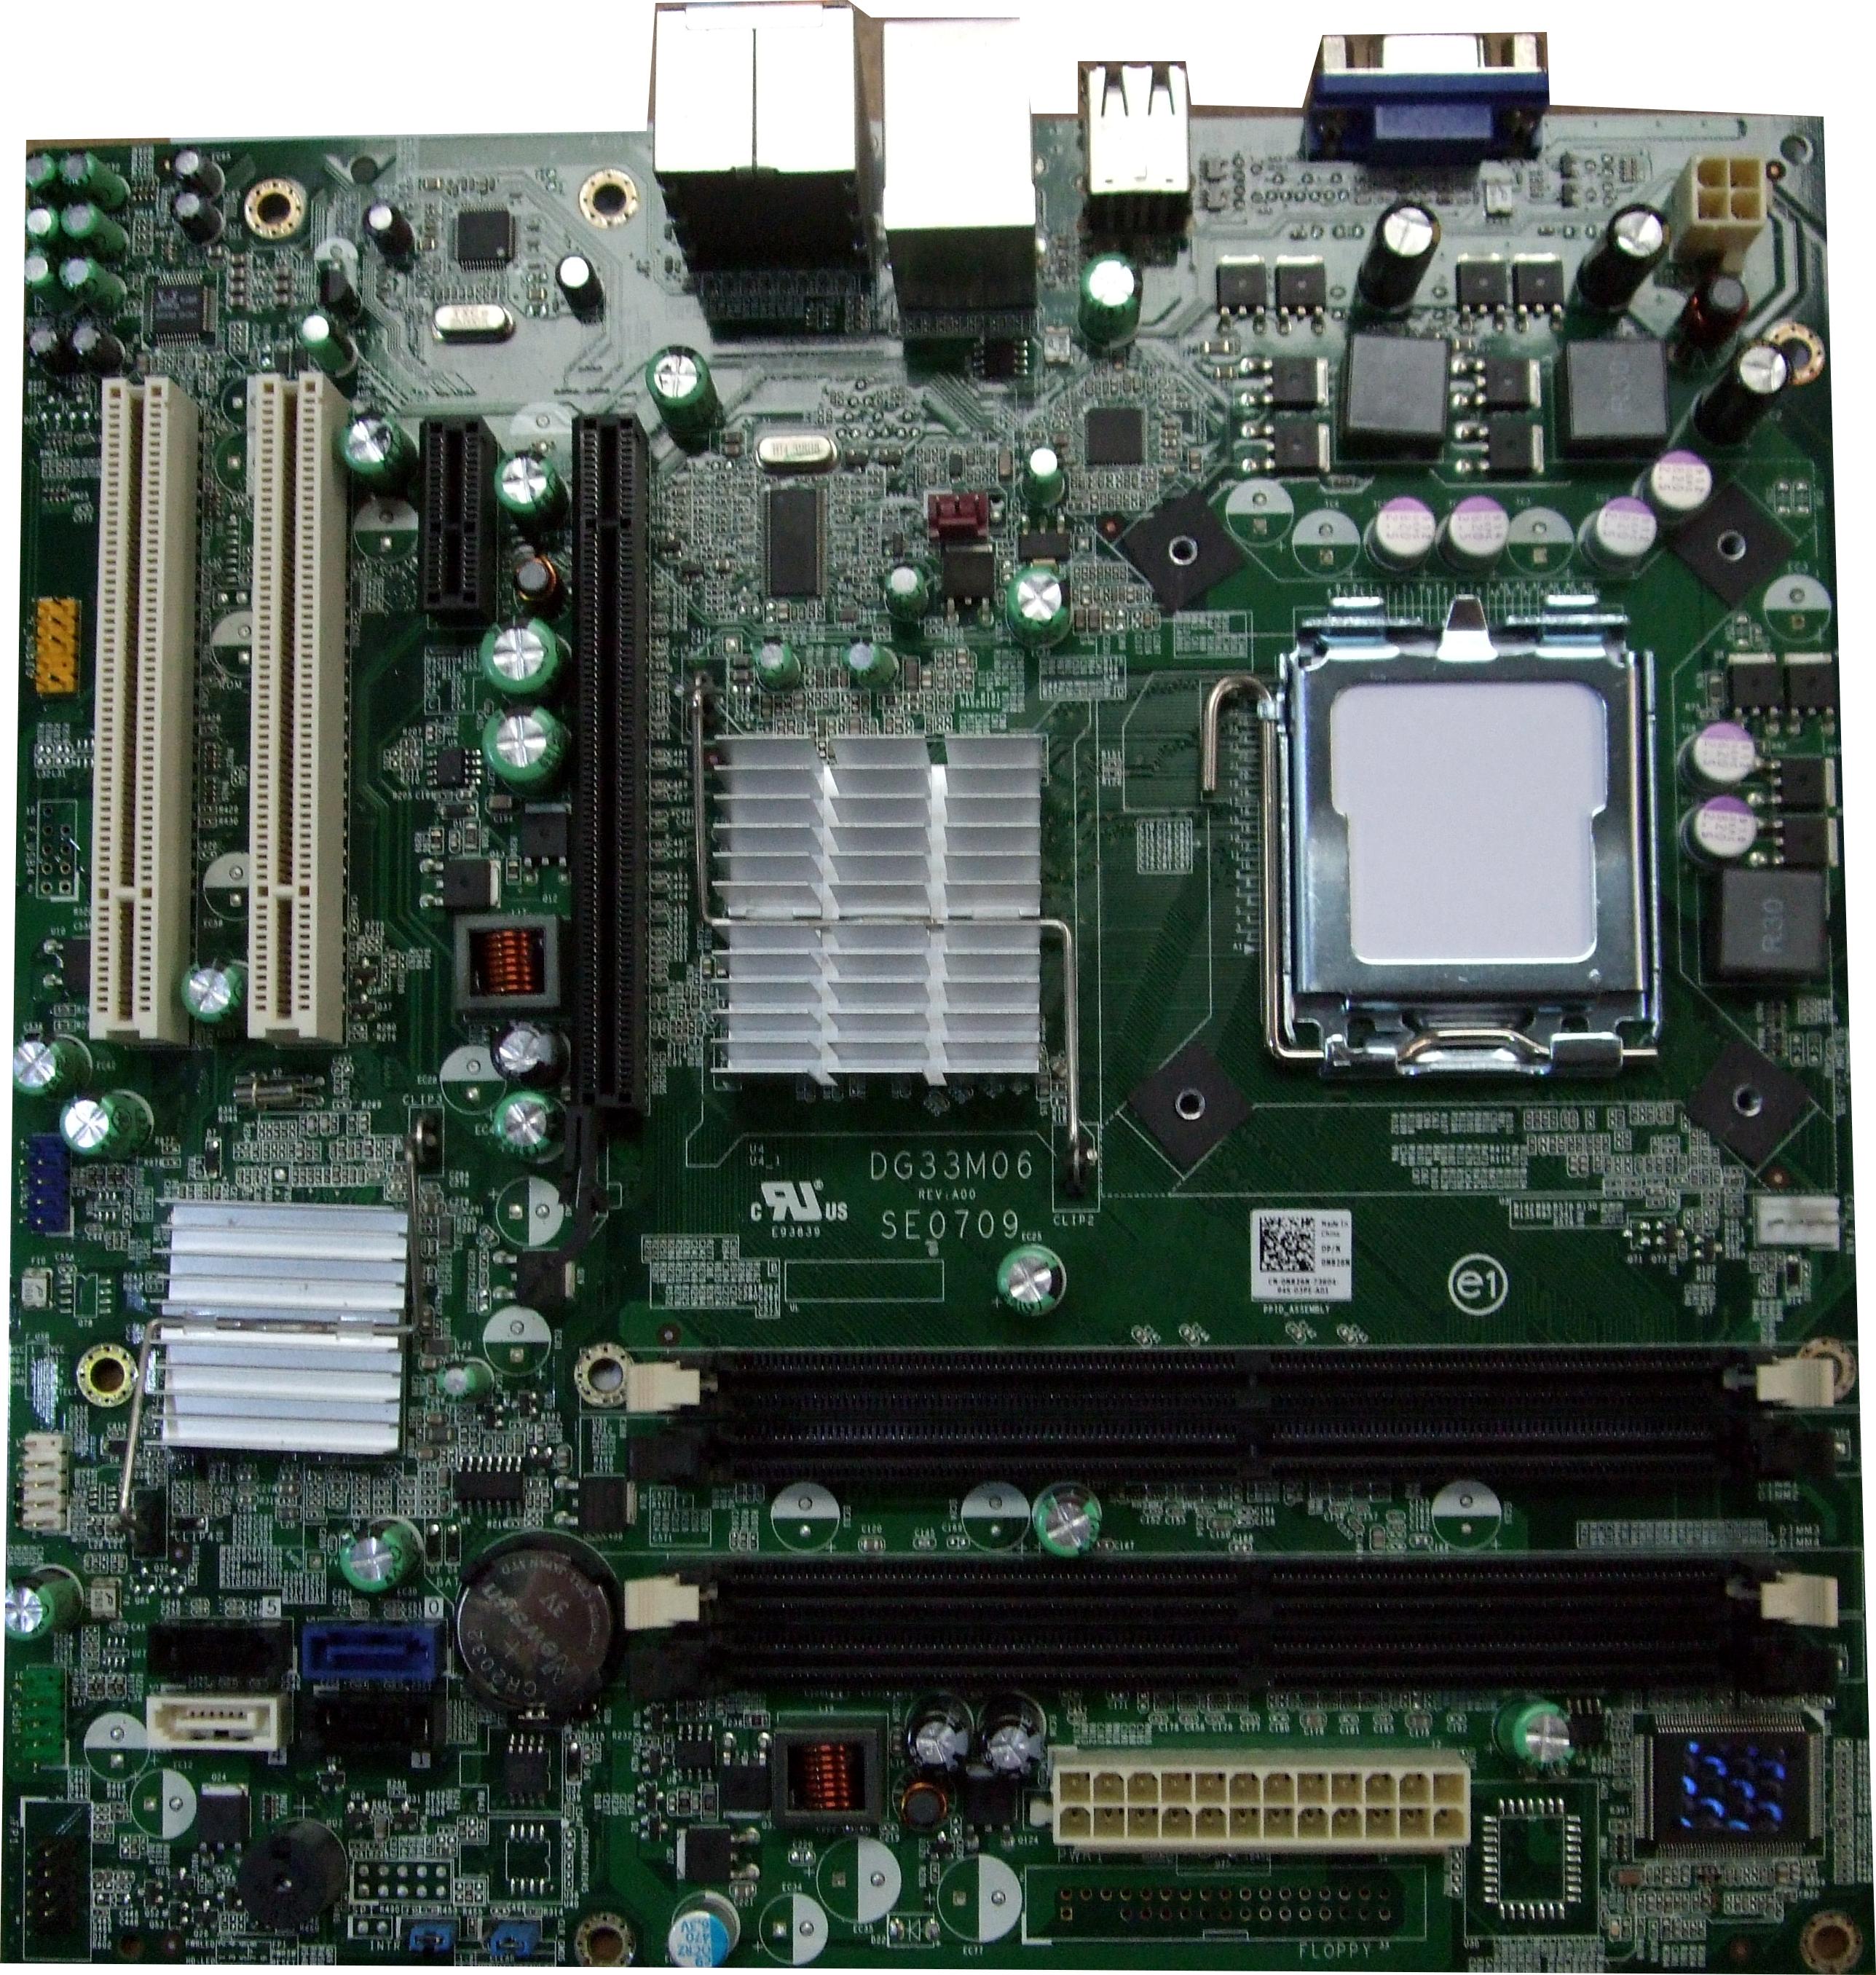 Dells main competitors